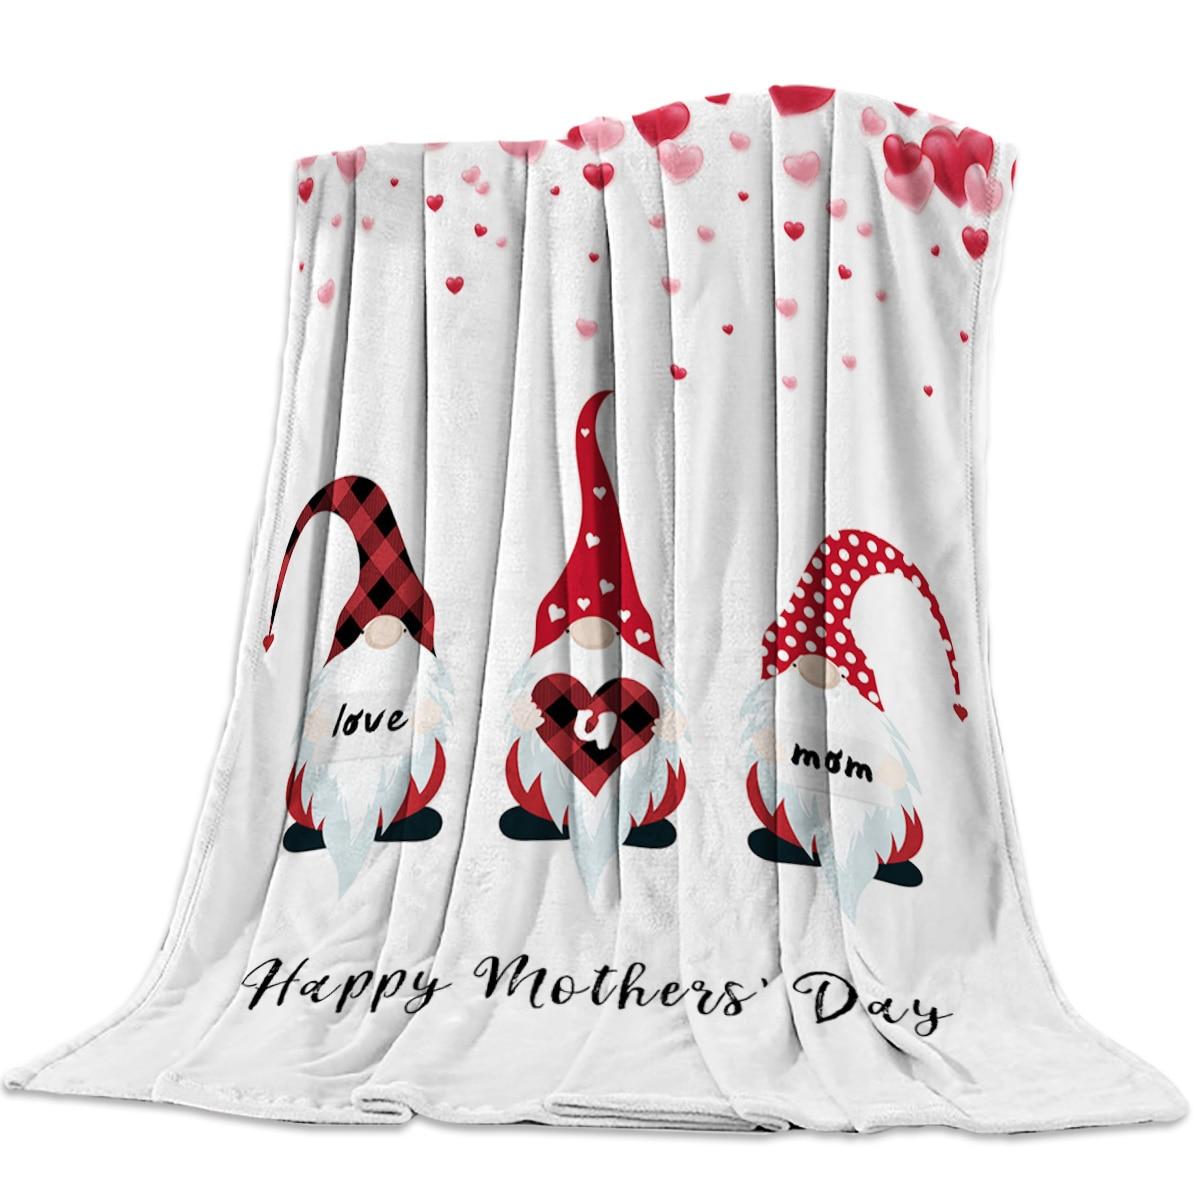 بطانية سرير من الصوف ، خفيفة الوزن ، فائقة النعومة ، مريحة ، عيد الأم ، Gnome ، هدية عيد الأم ، للبالغين والأطفال